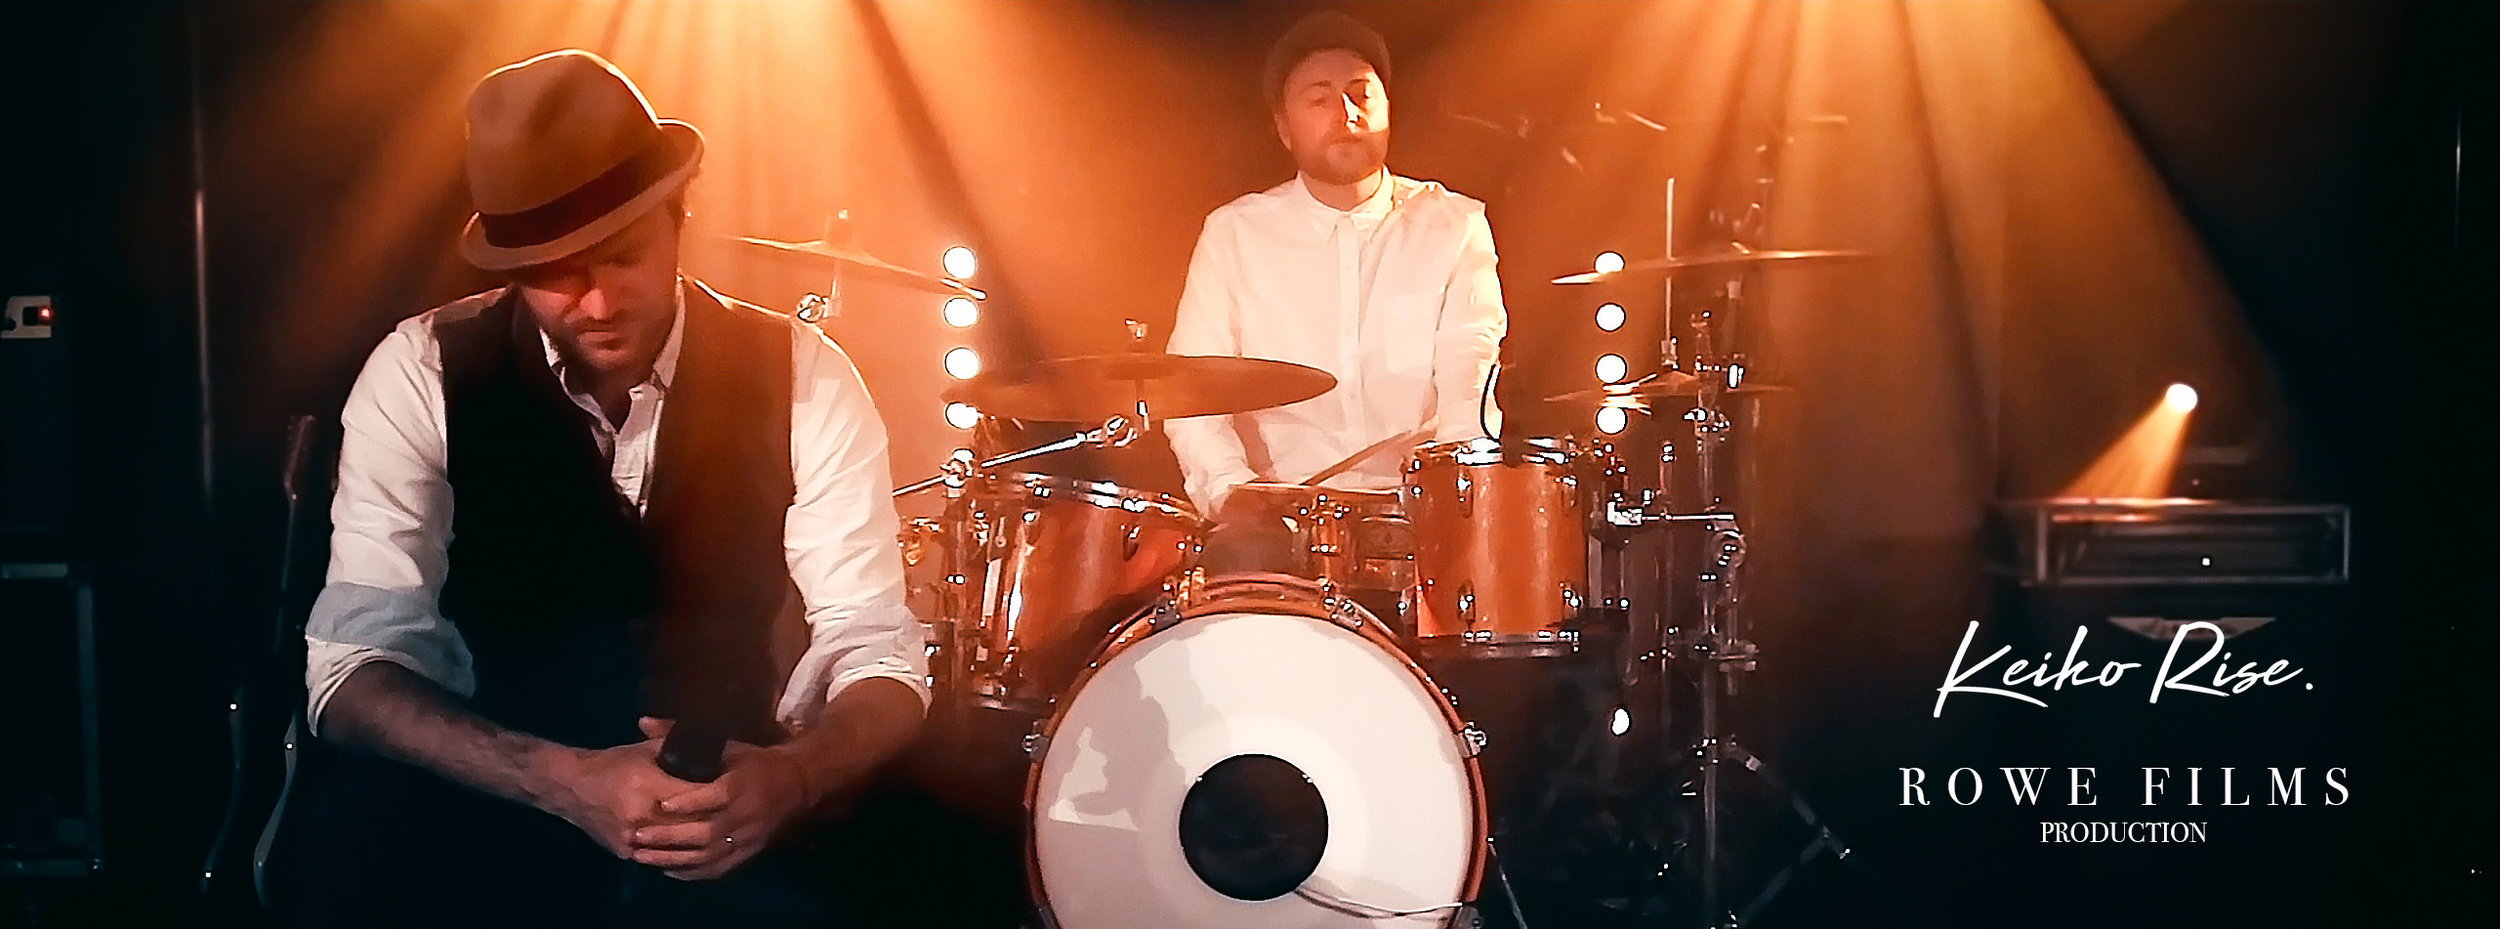 Keiko Rise Band Video